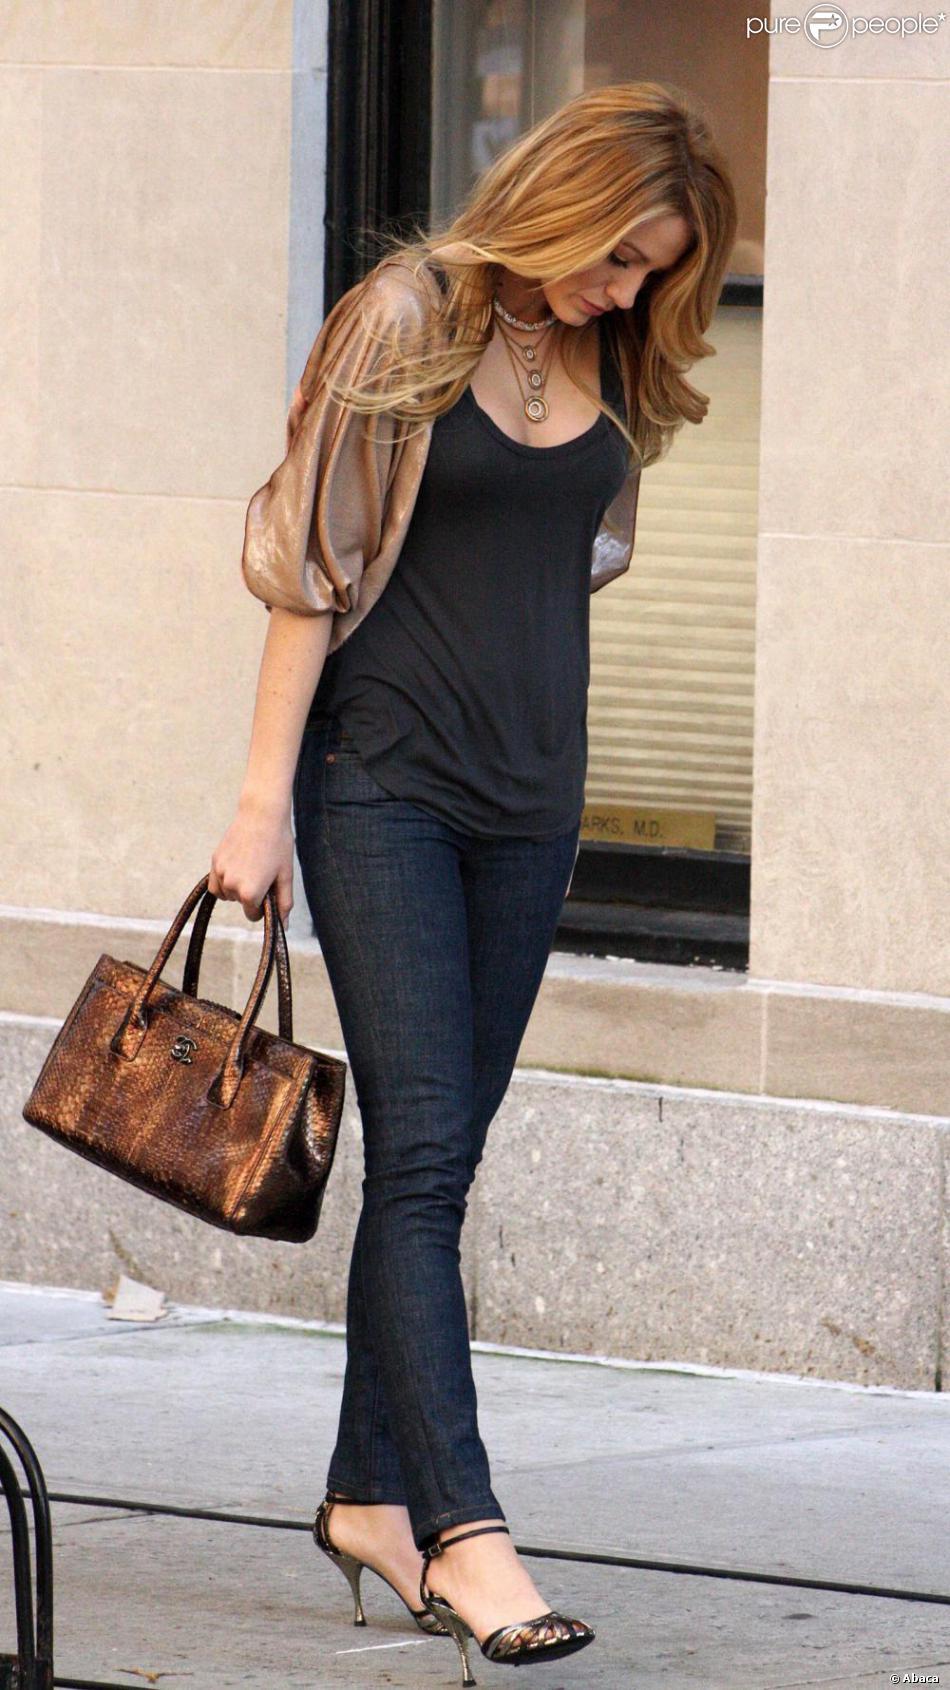 1a46ef3129d0 Blake Lively avec un sac Chanel en 2008 à New York - Purepeople